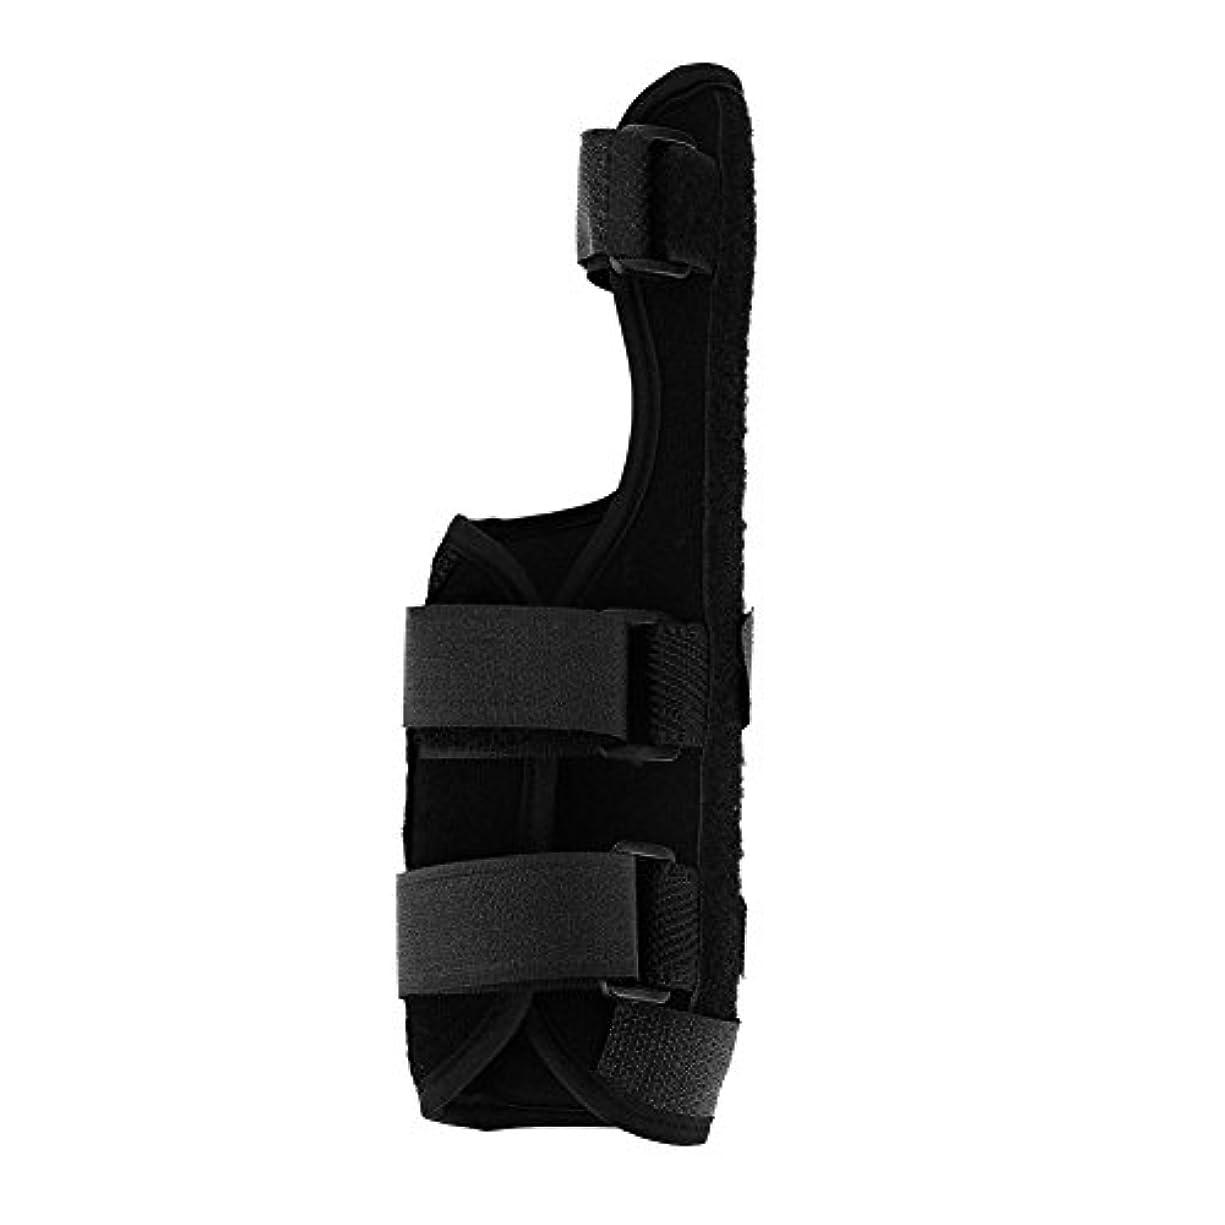 誤ってエレクトロニック熟した高度な手首ブレース - 手根管手首副子。手根管症候群、手首の痛み、捻挫、RSI、関節炎の即時鎮痛に最適(IzquierdaM)